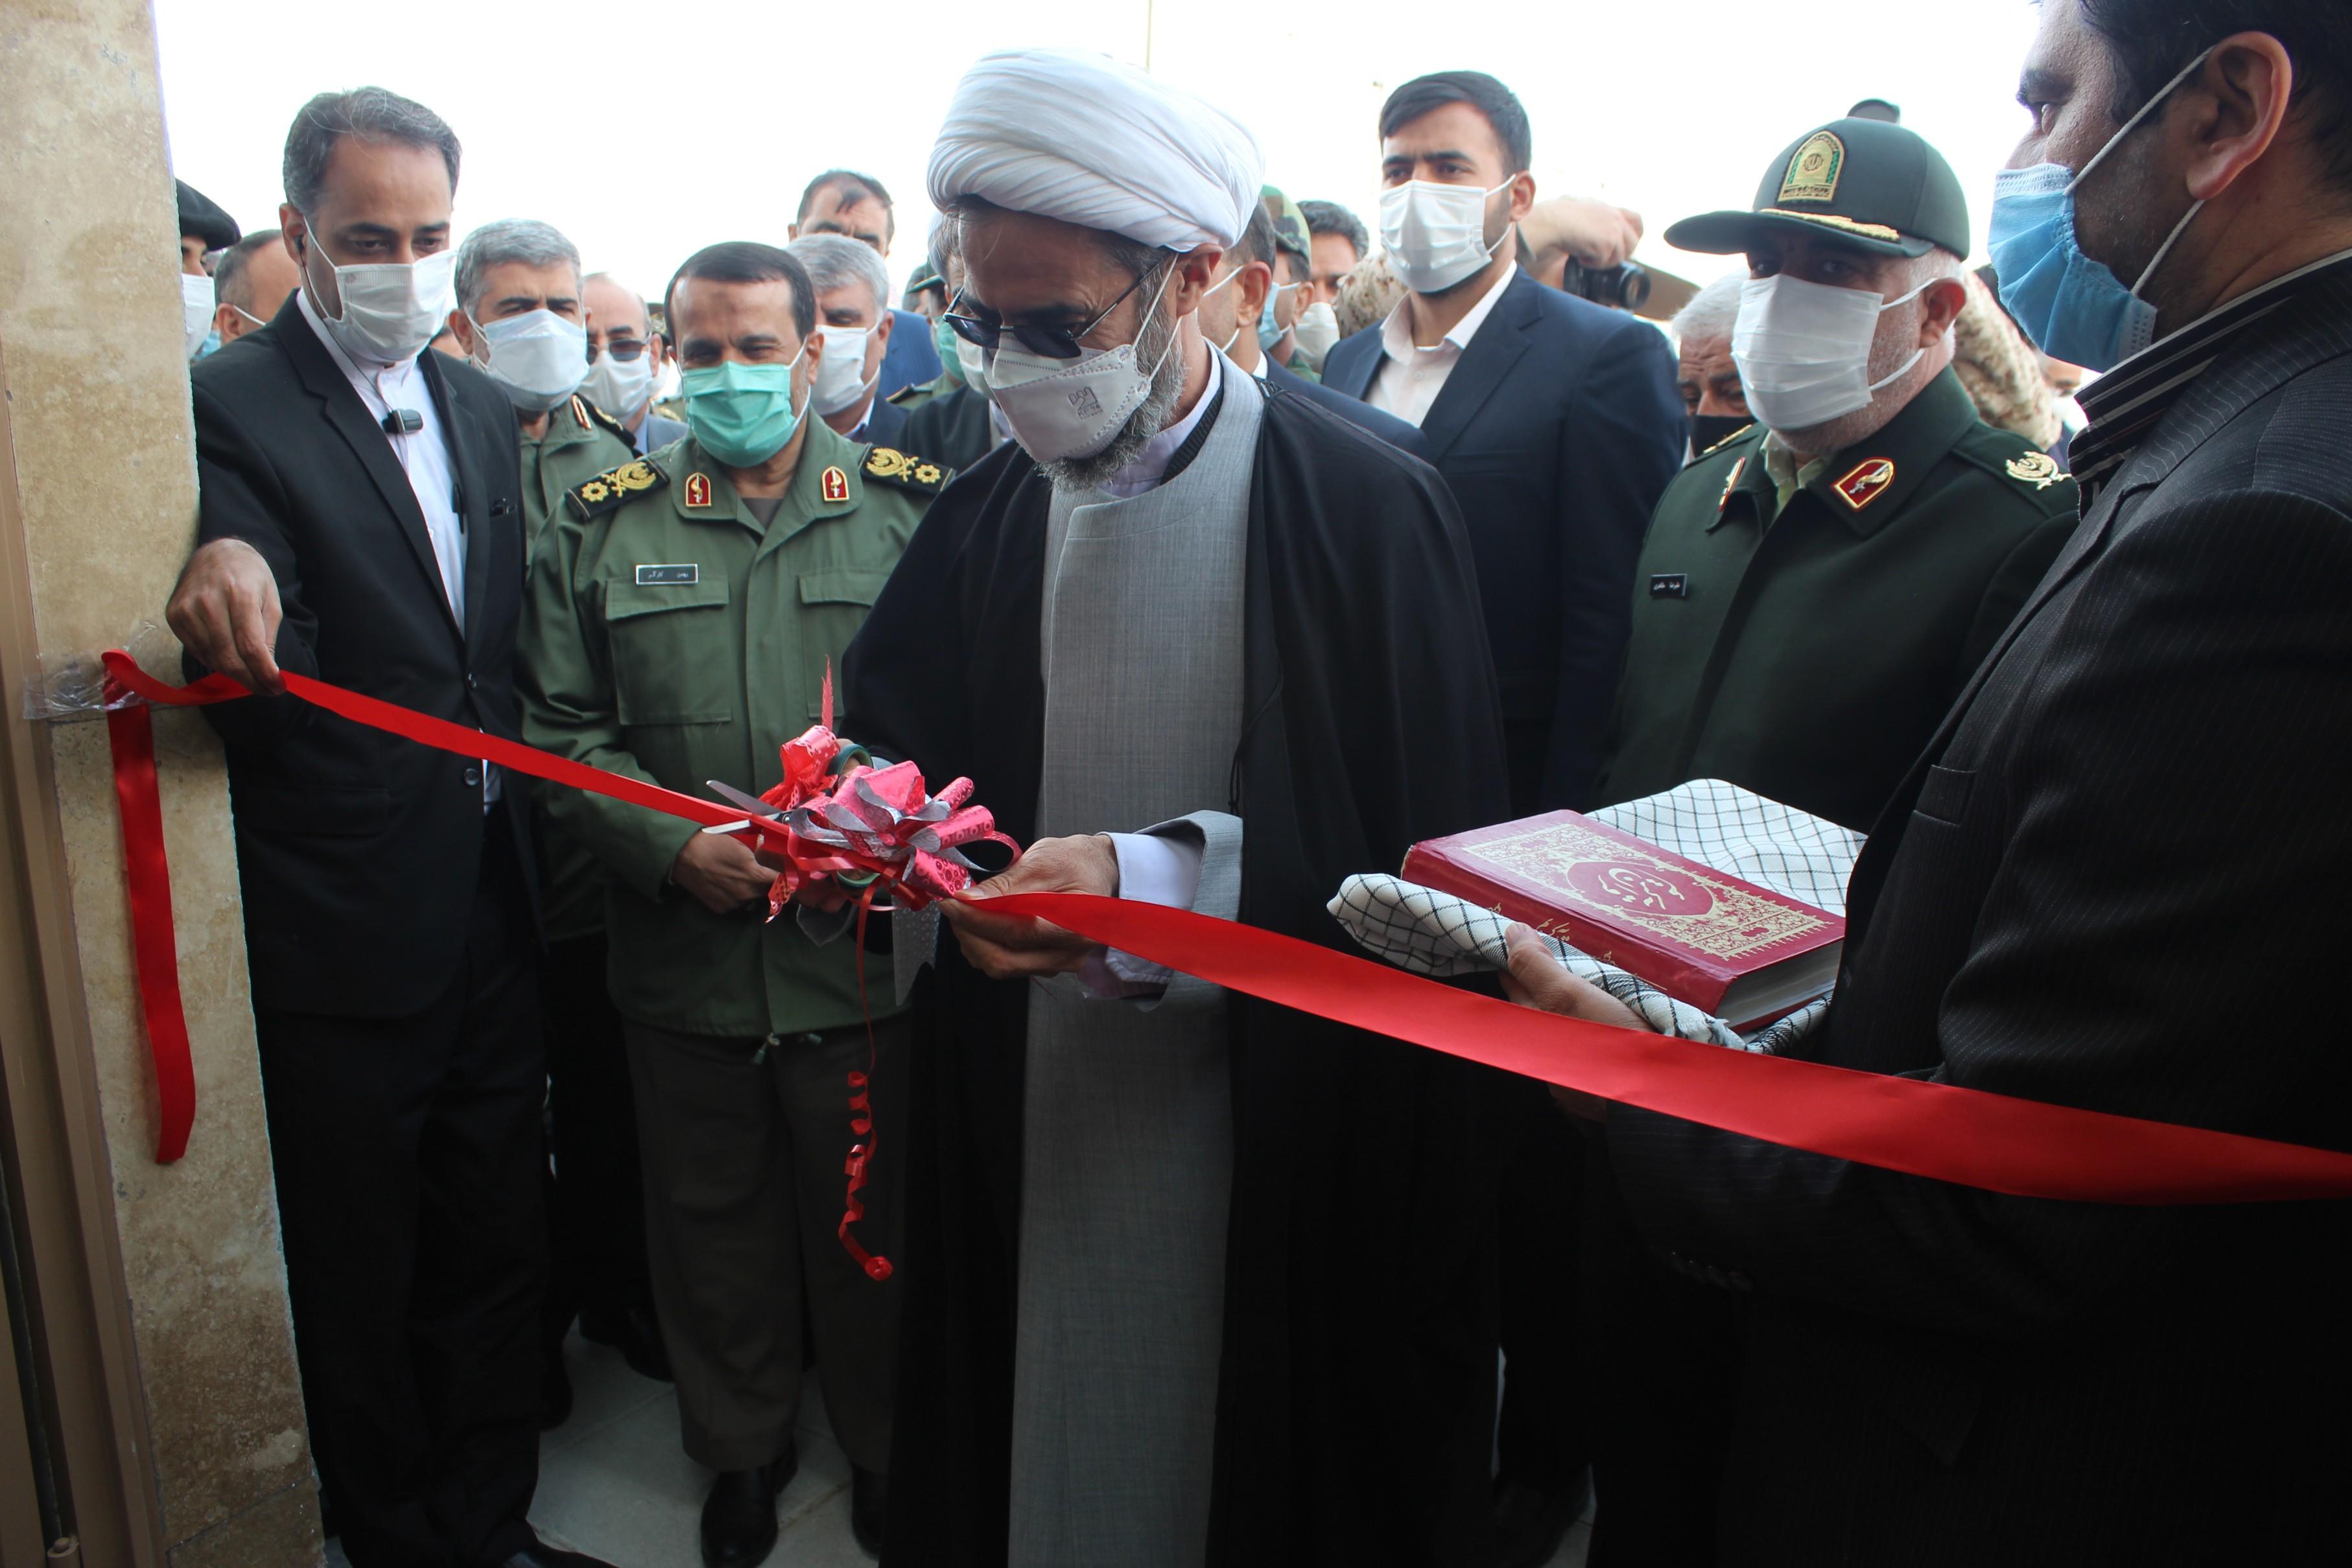 افتتاح مرکز فرهنگی و موزه دفاع مقدس|2835190